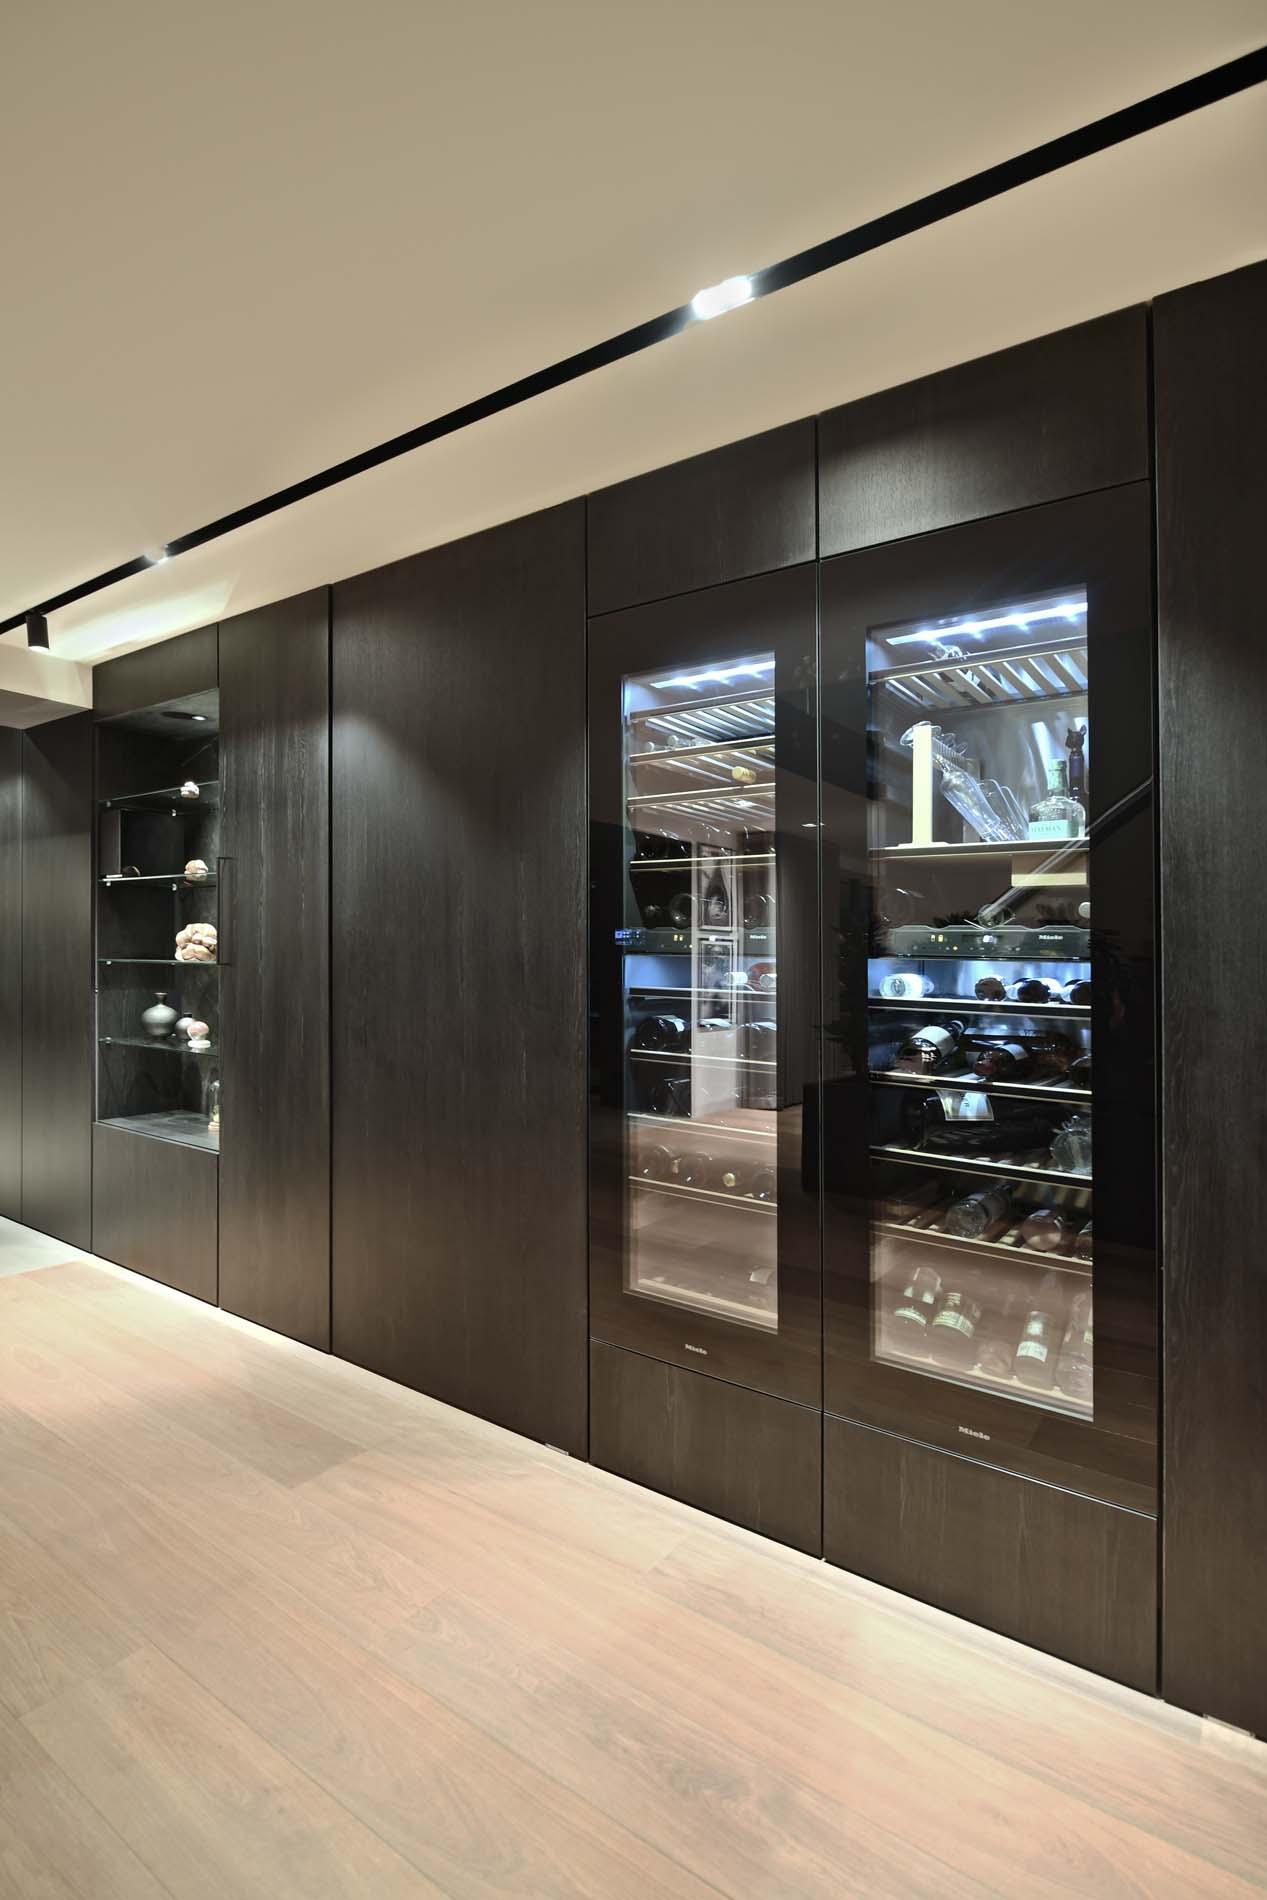 Zwarte houten kastenwand met Miele wijnklimaatkast, Klantervaring ASWA Keukens